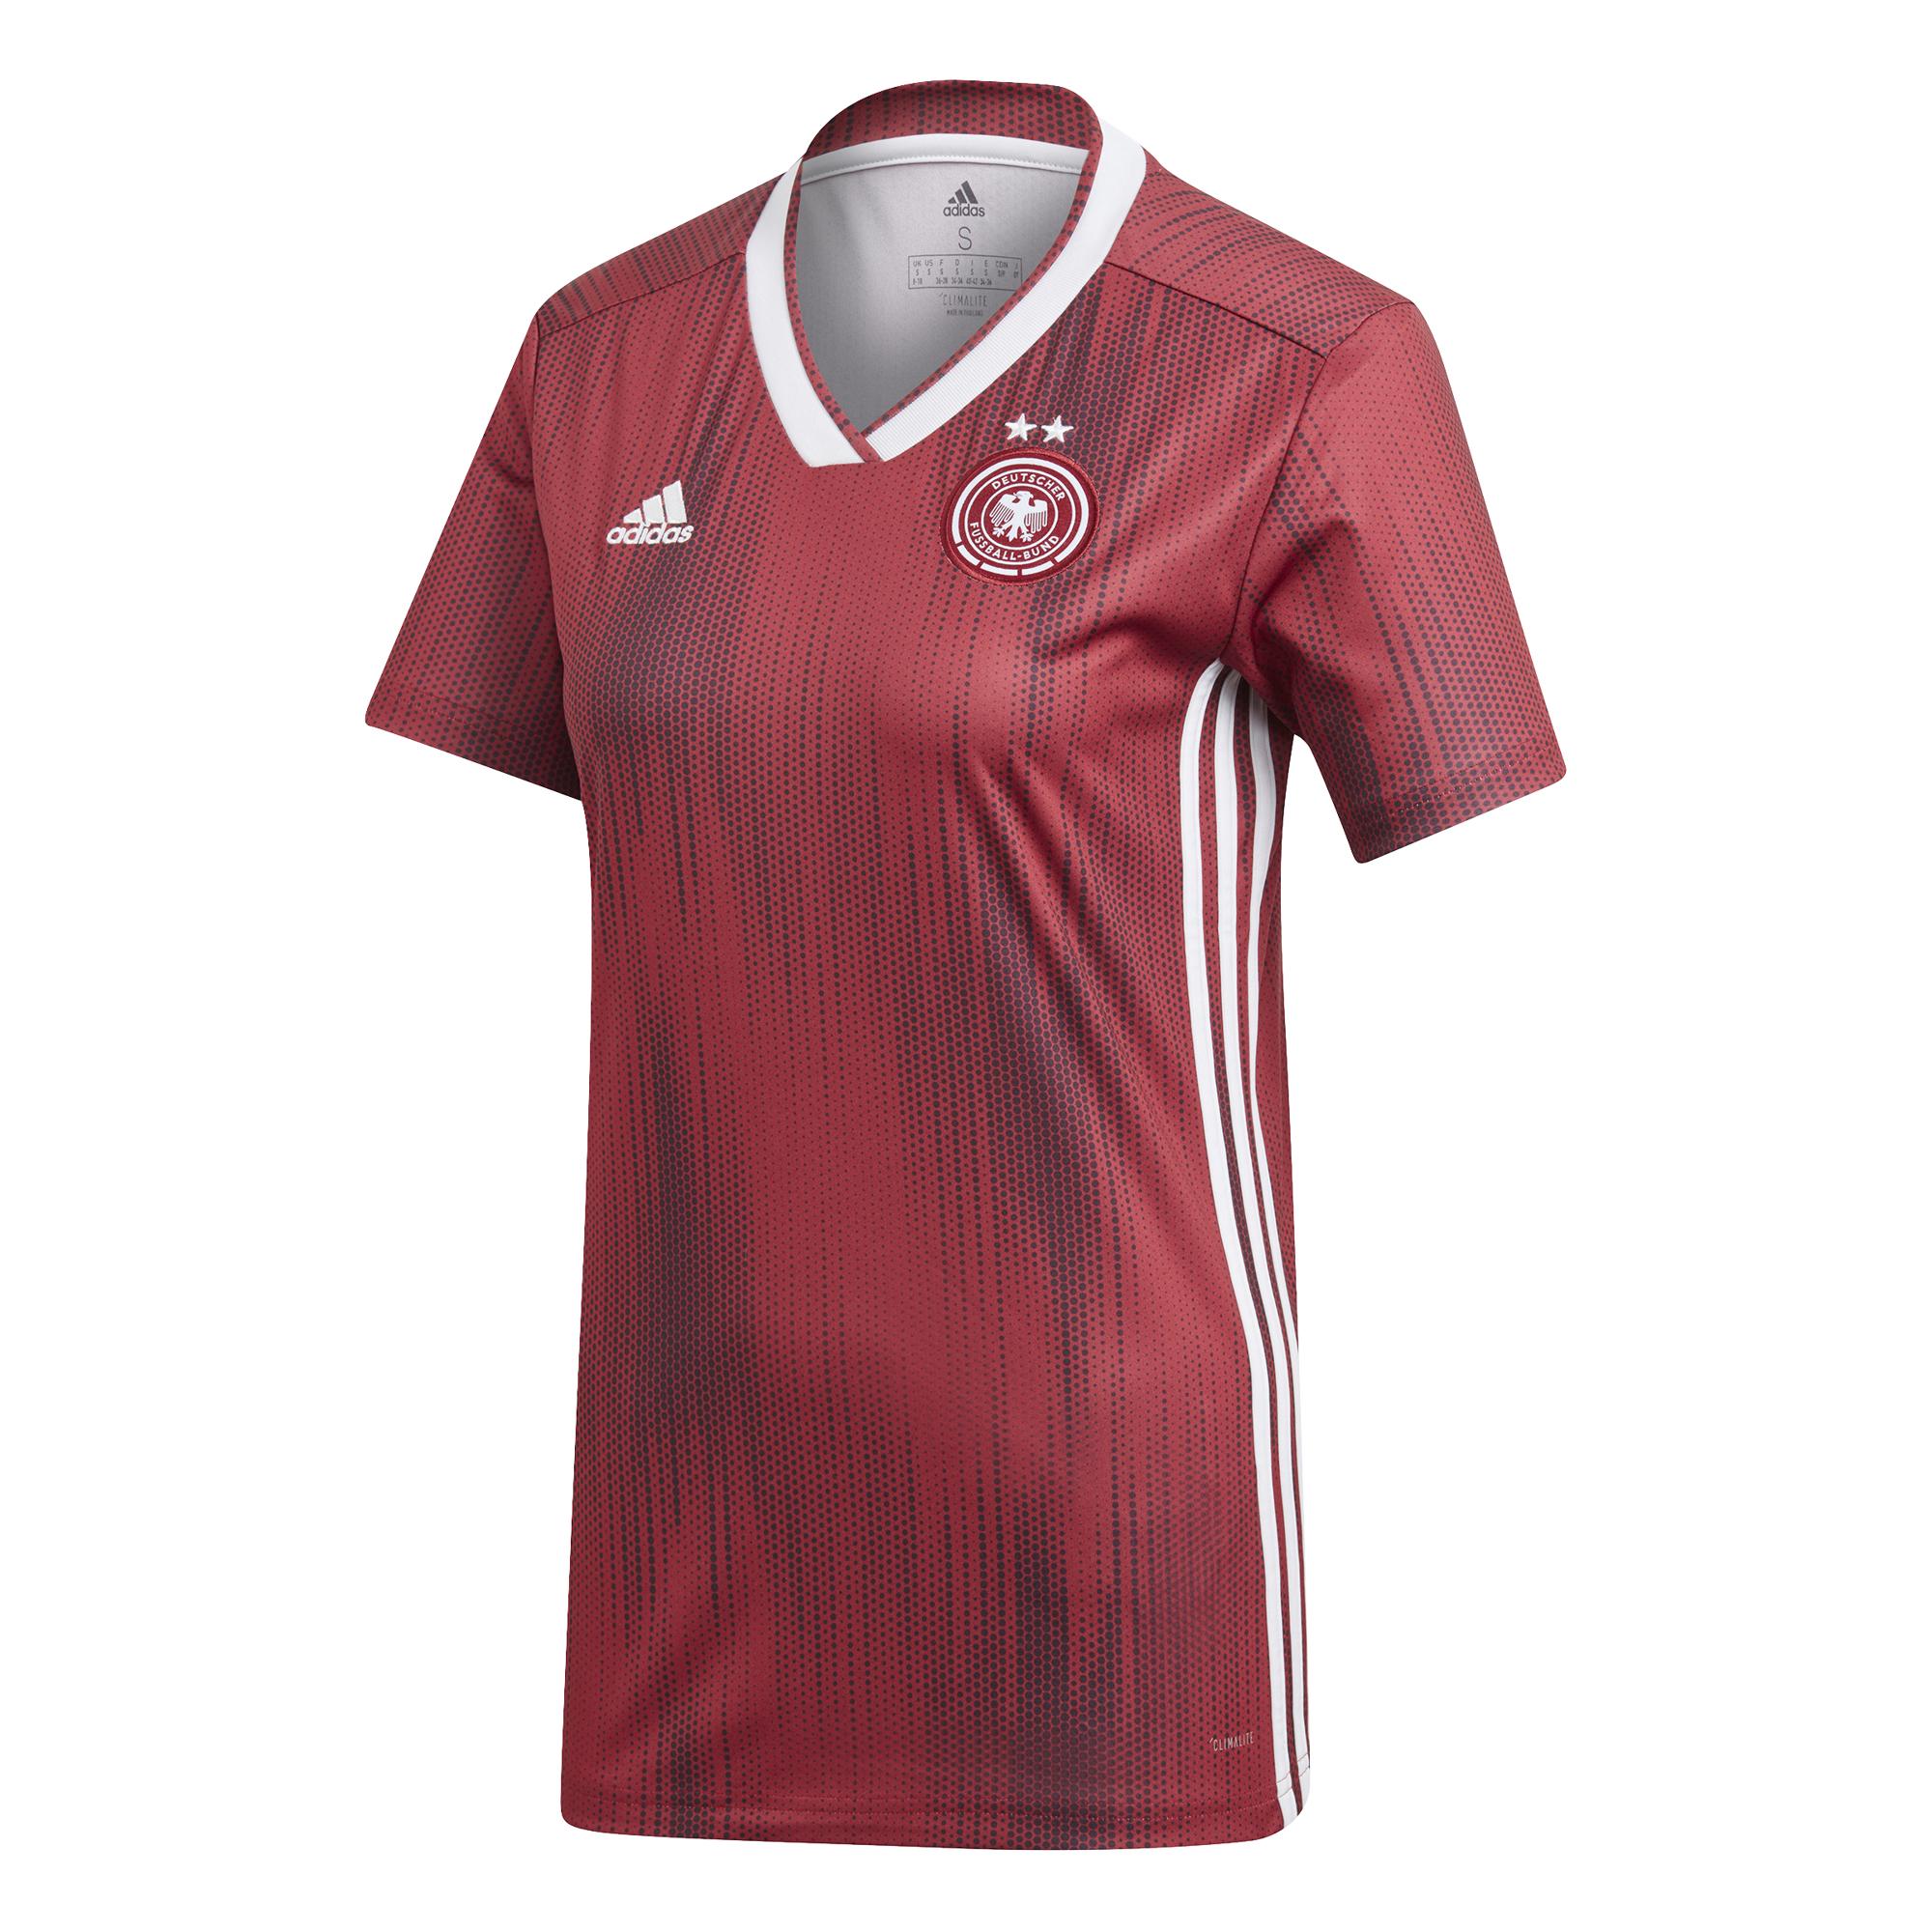 5+5 ADIDAS Damen DFB Away Jersey Deutschland Auswärtstrikot WM rot ORIGINAL